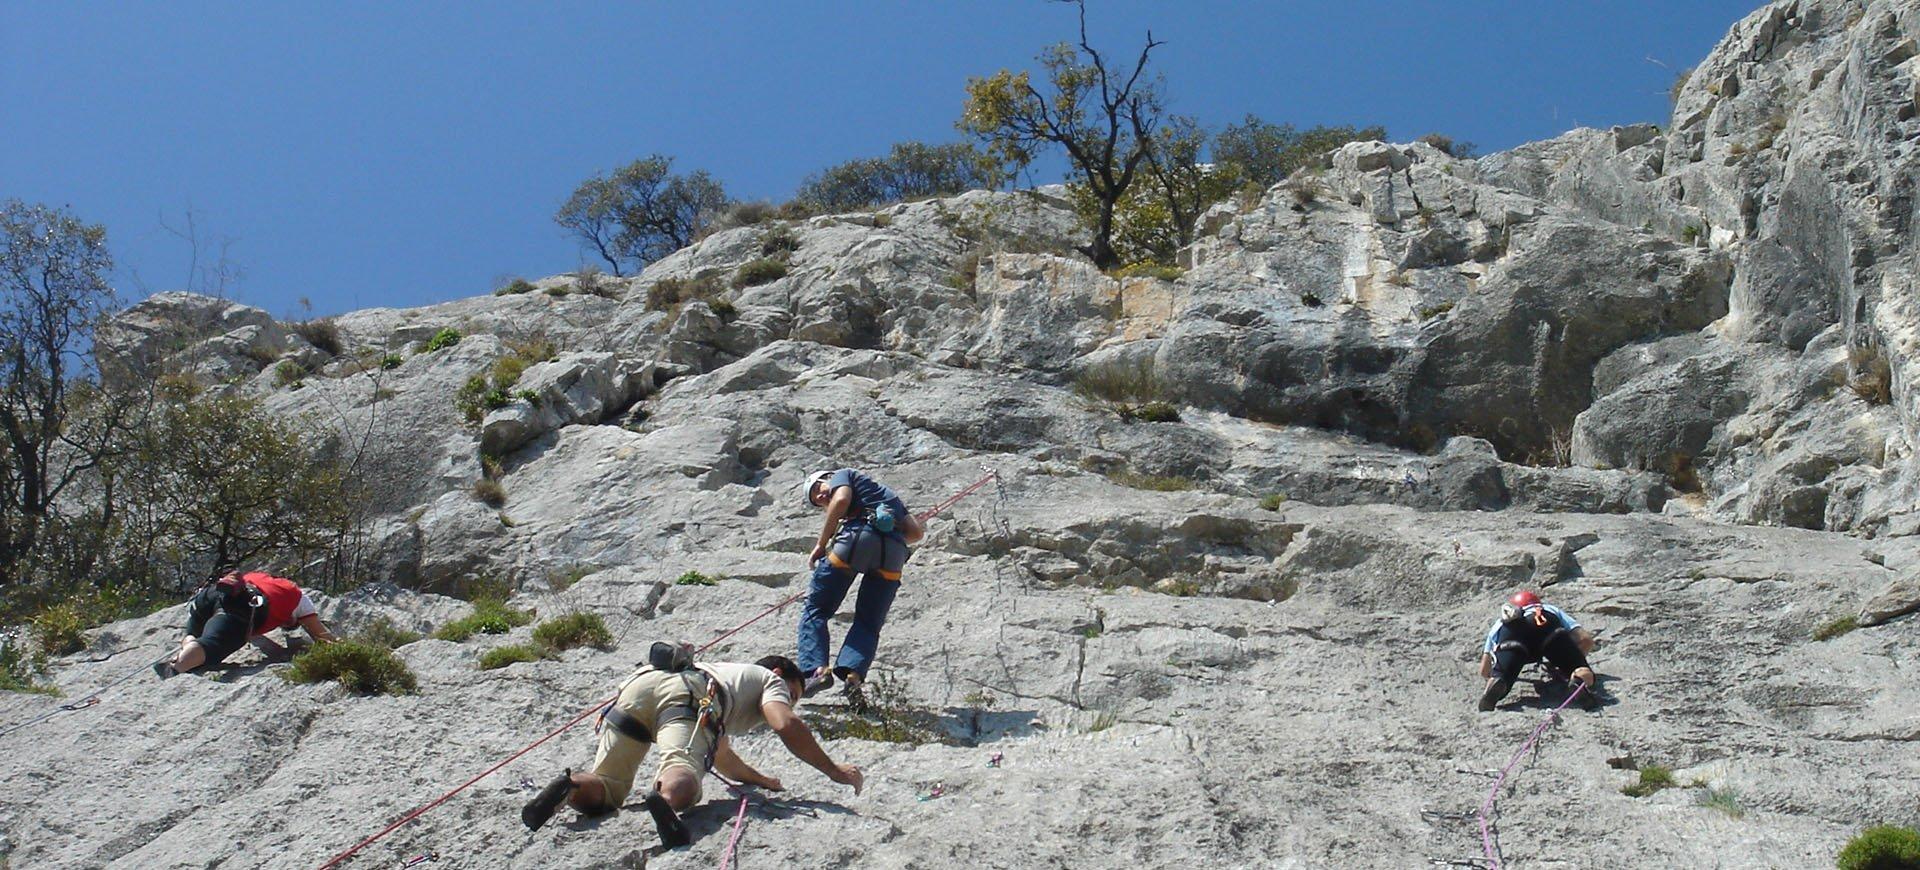 Practica la escalada en la Sierra de Gredos, con todas las facilidades desde La Posada de los Sentidos, cursos de iniciación y escalada clásica en los que podrás disfrutar de la naturaleza y la aventura de la mano de los mejores guías y profesionales.